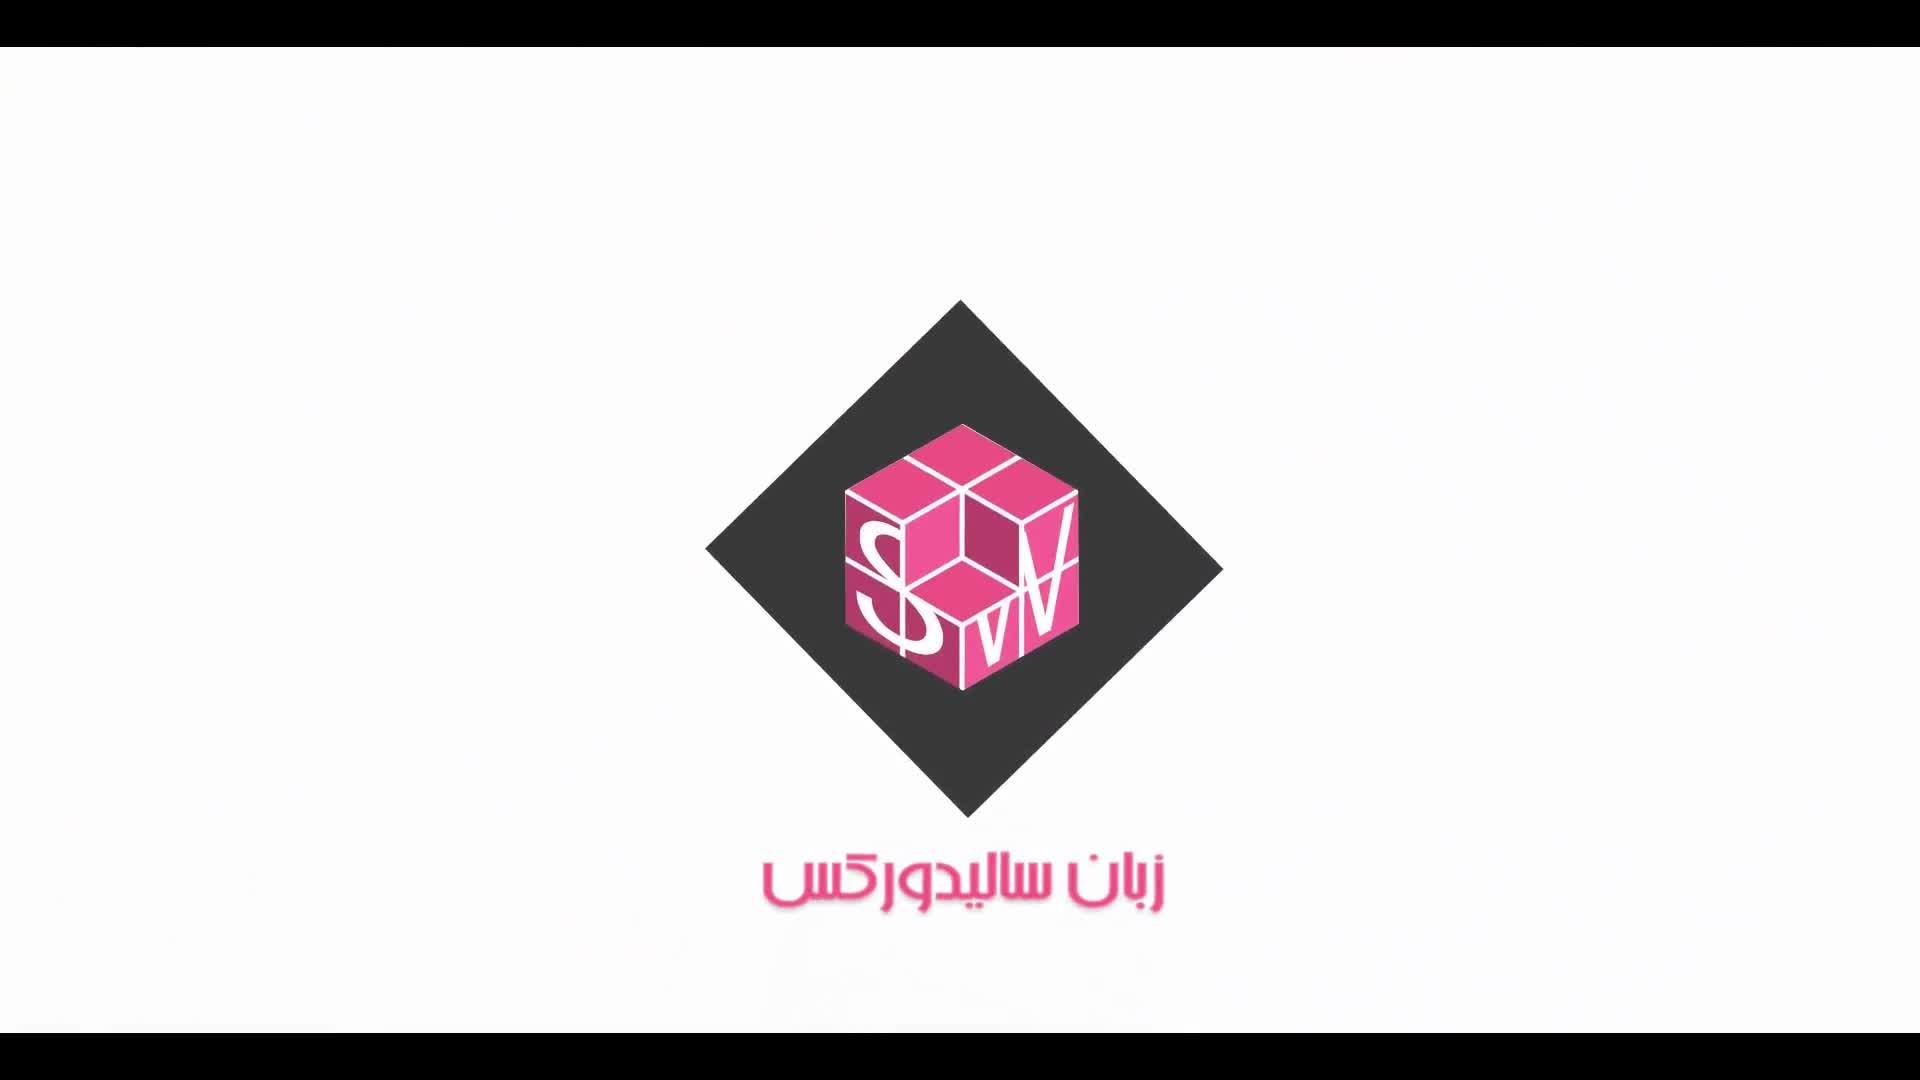 لوگو زبان سالیدورک - Zaban Solidworks